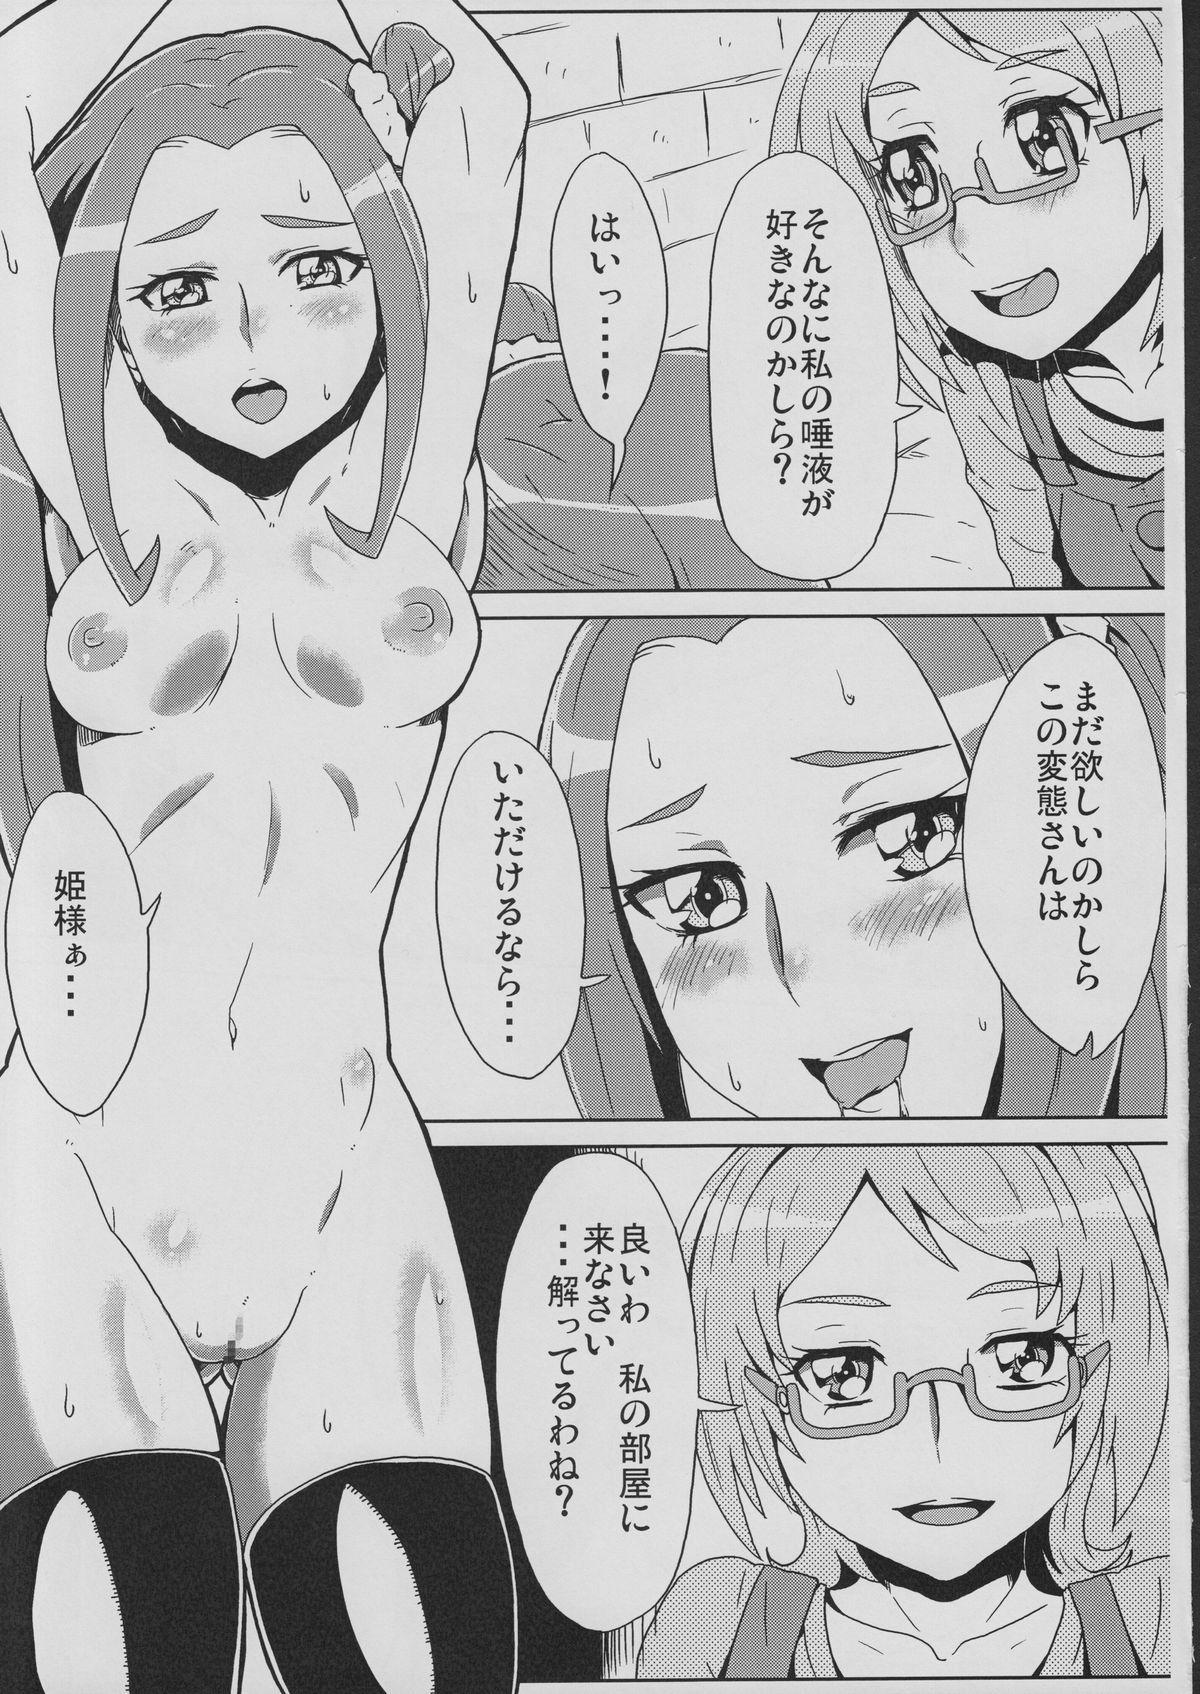 Hime-sama no Dorei 5